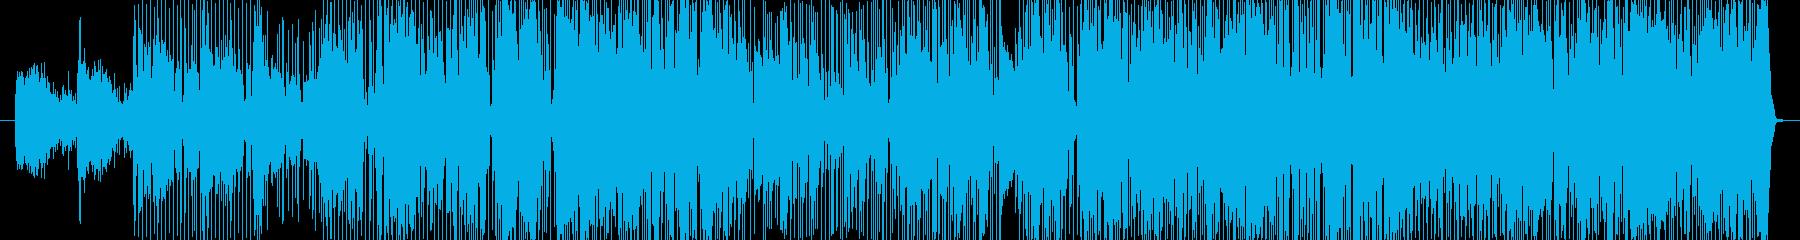 ポップスでバラードな曲の再生済みの波形